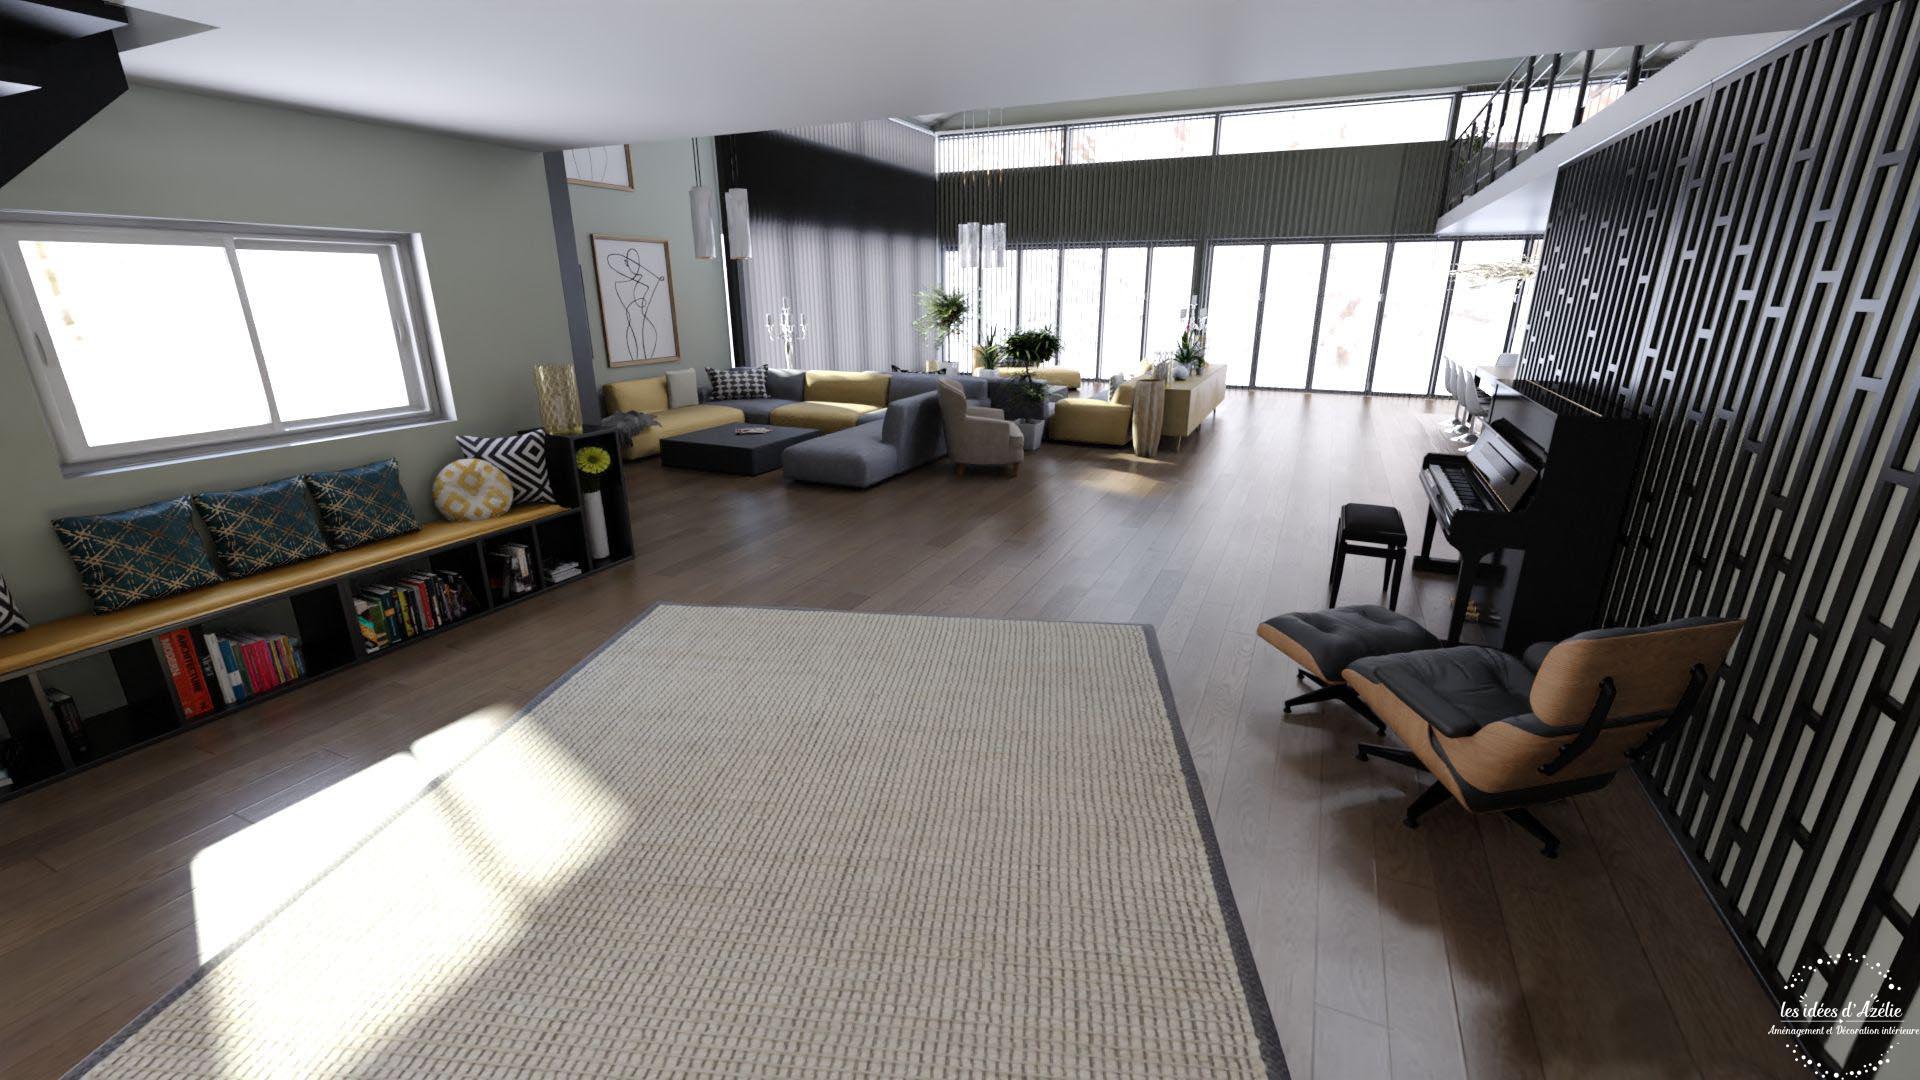 Vue du salon depuis le hall - visuel 3D